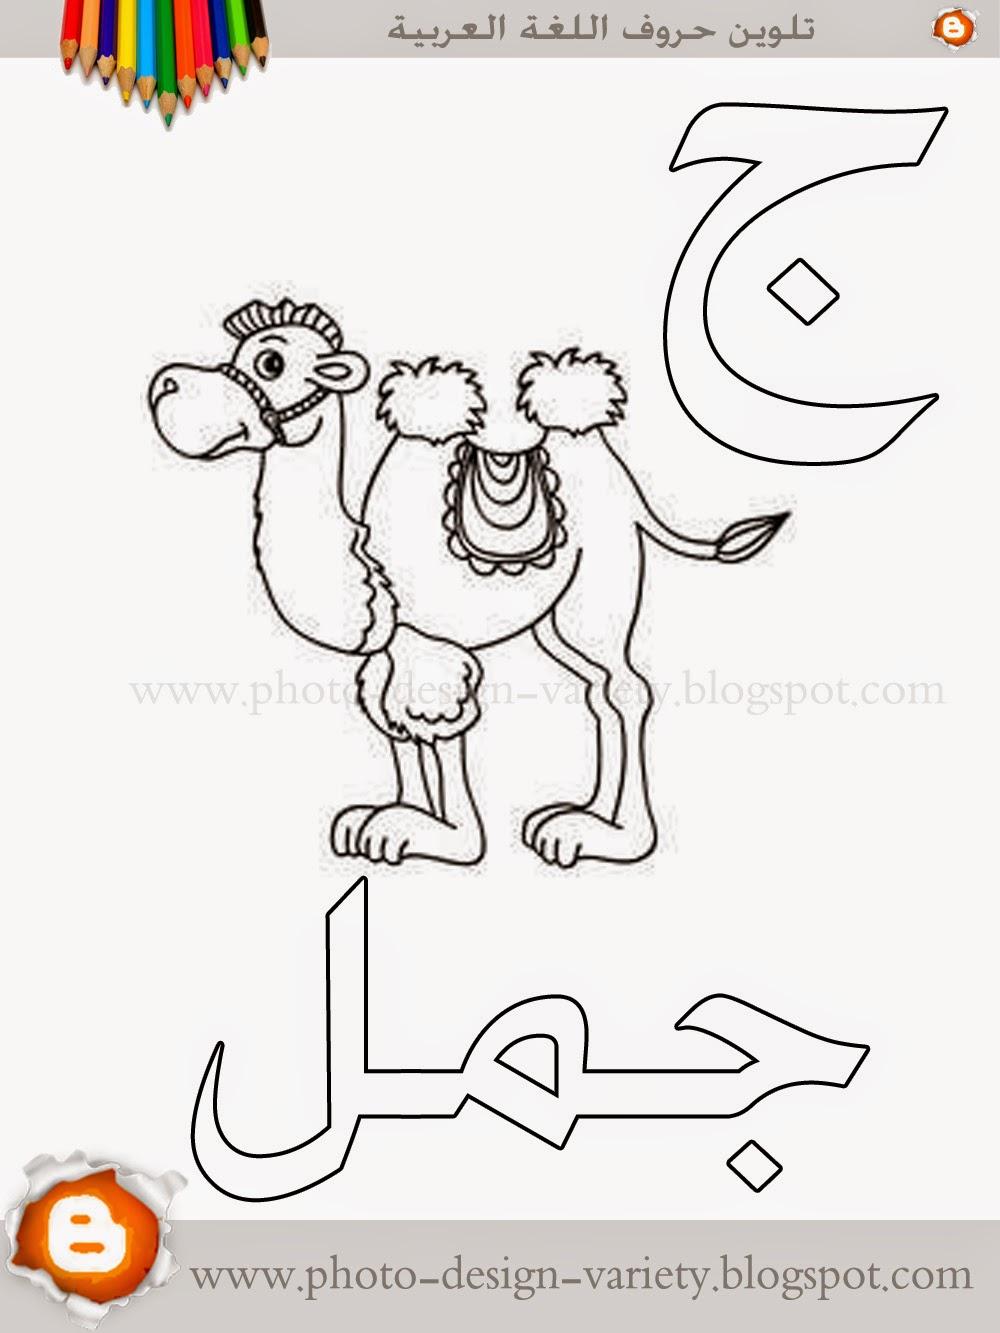 ألبومات صور منوعة البوم تلوين صور حروف هجاء اللغة العربية مع الأمثلة